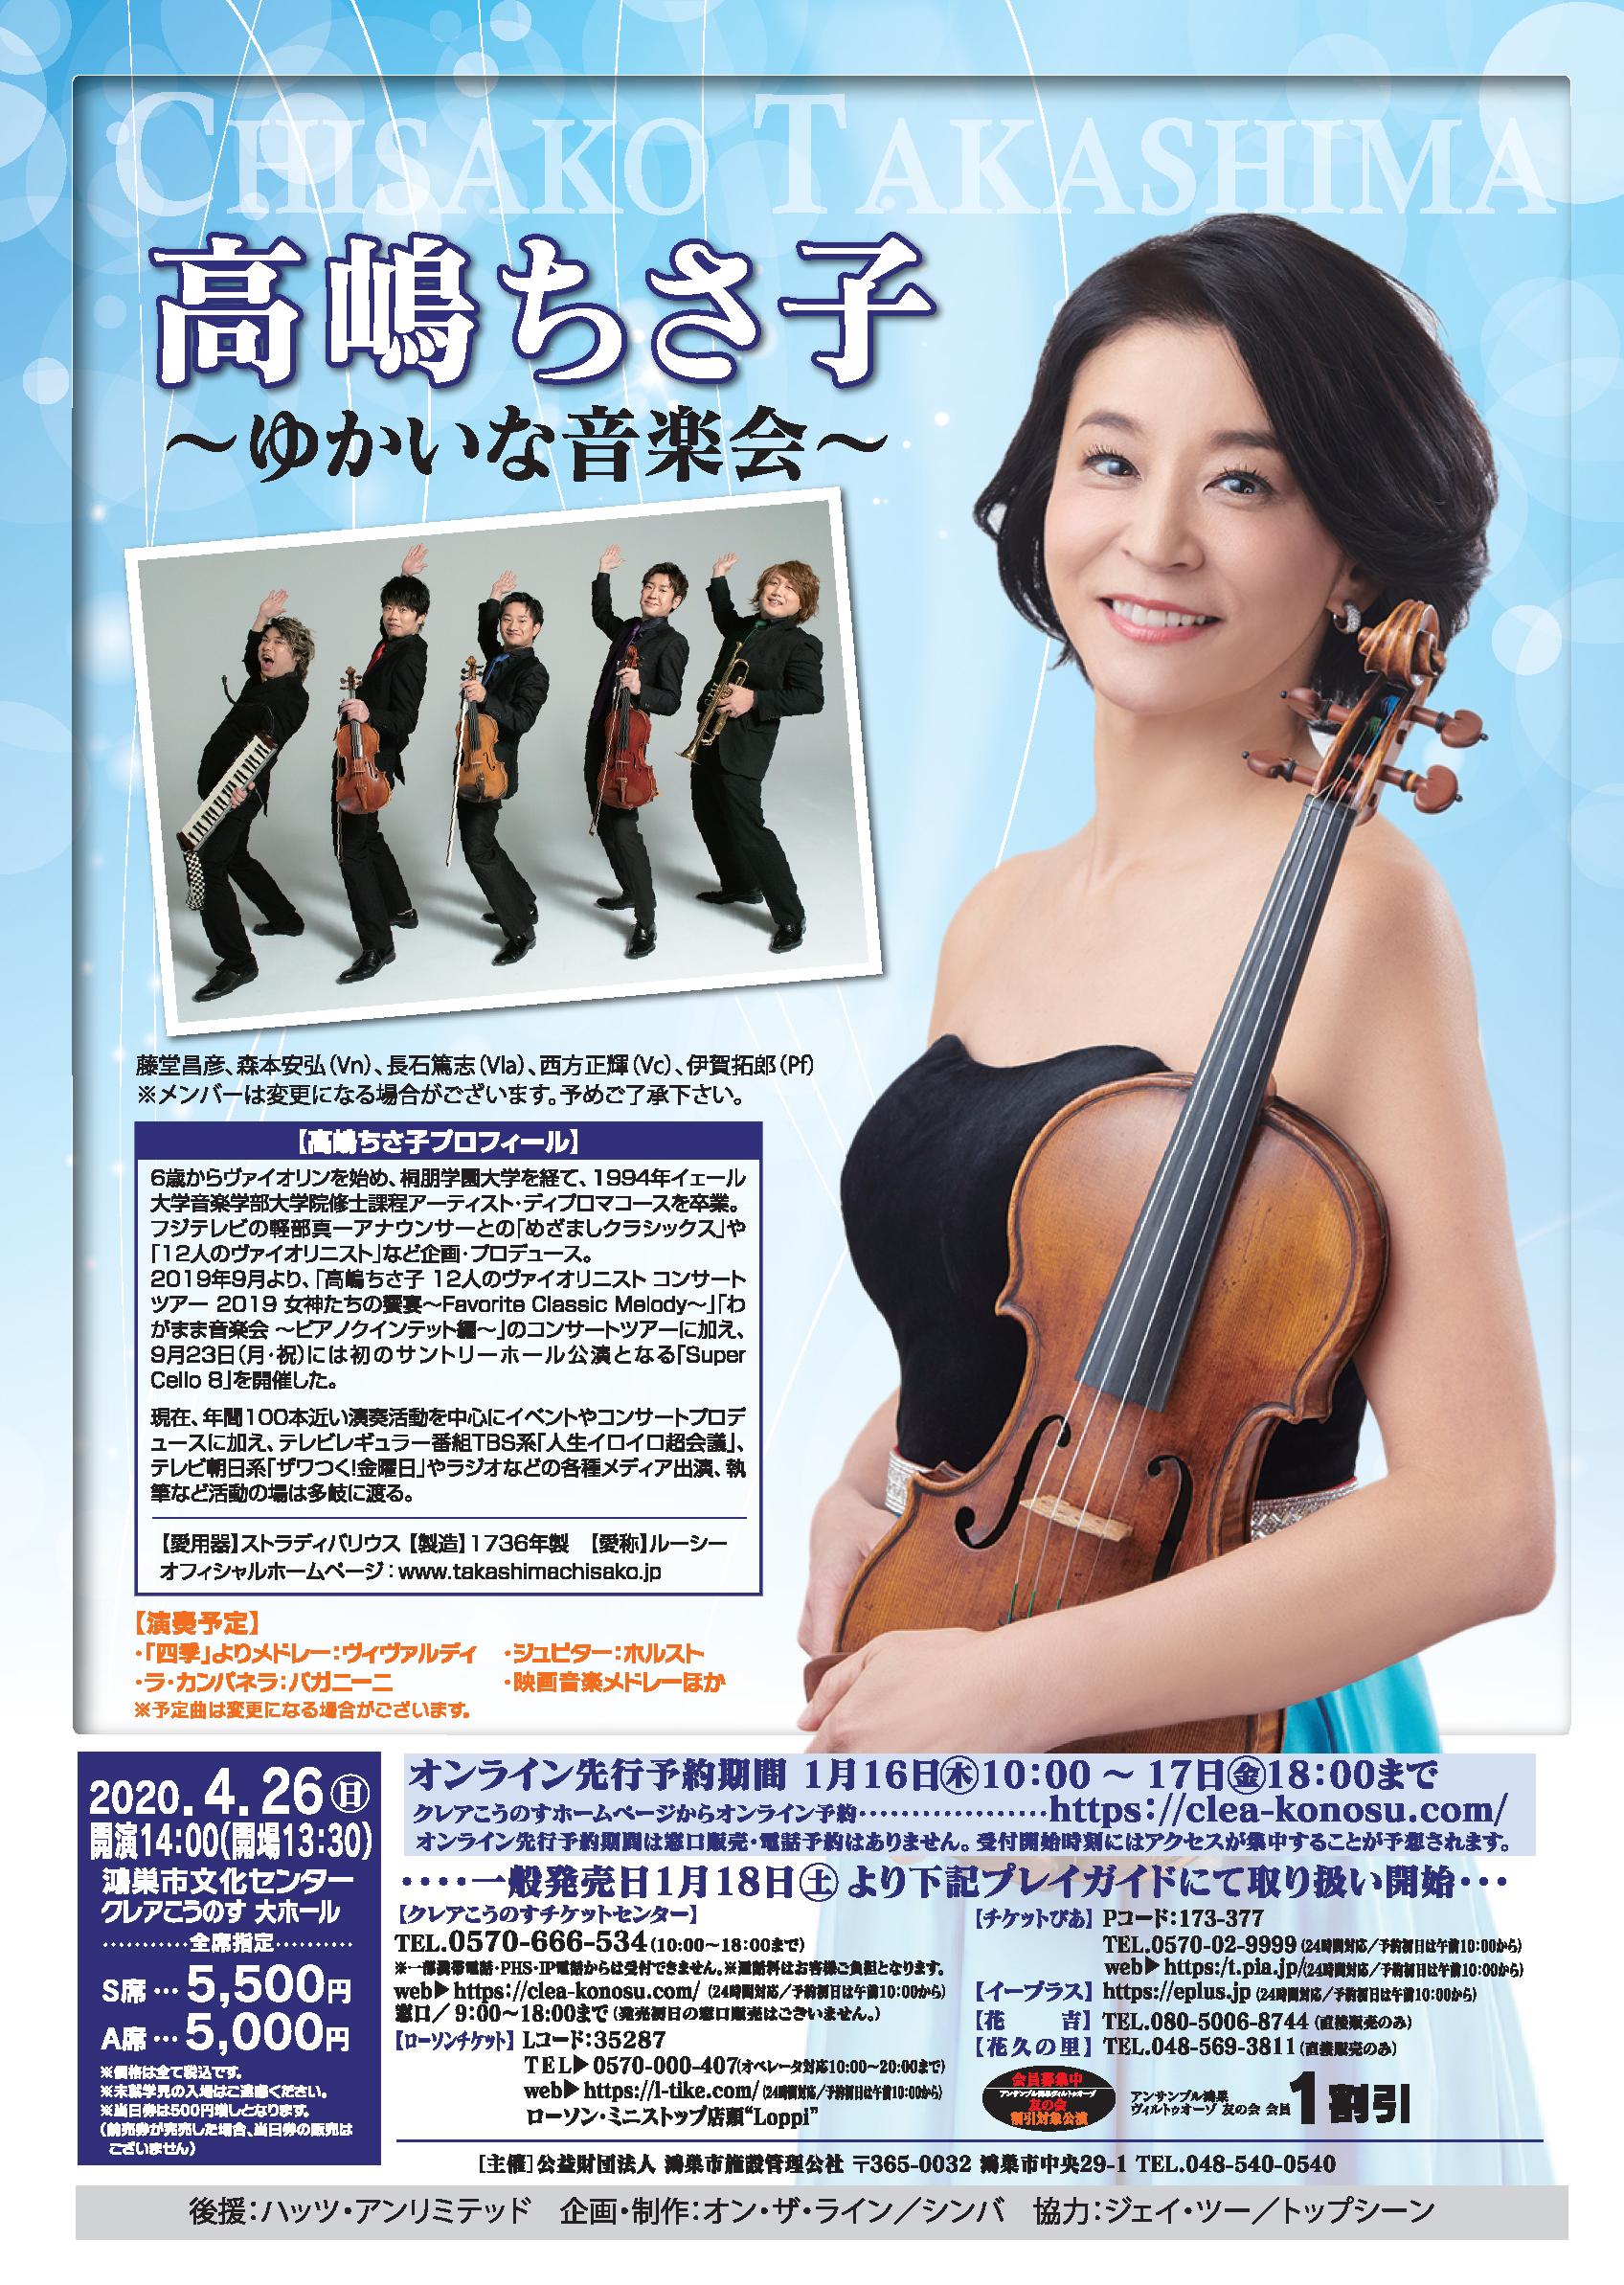 高嶋 ちさ子 コンサート 2020